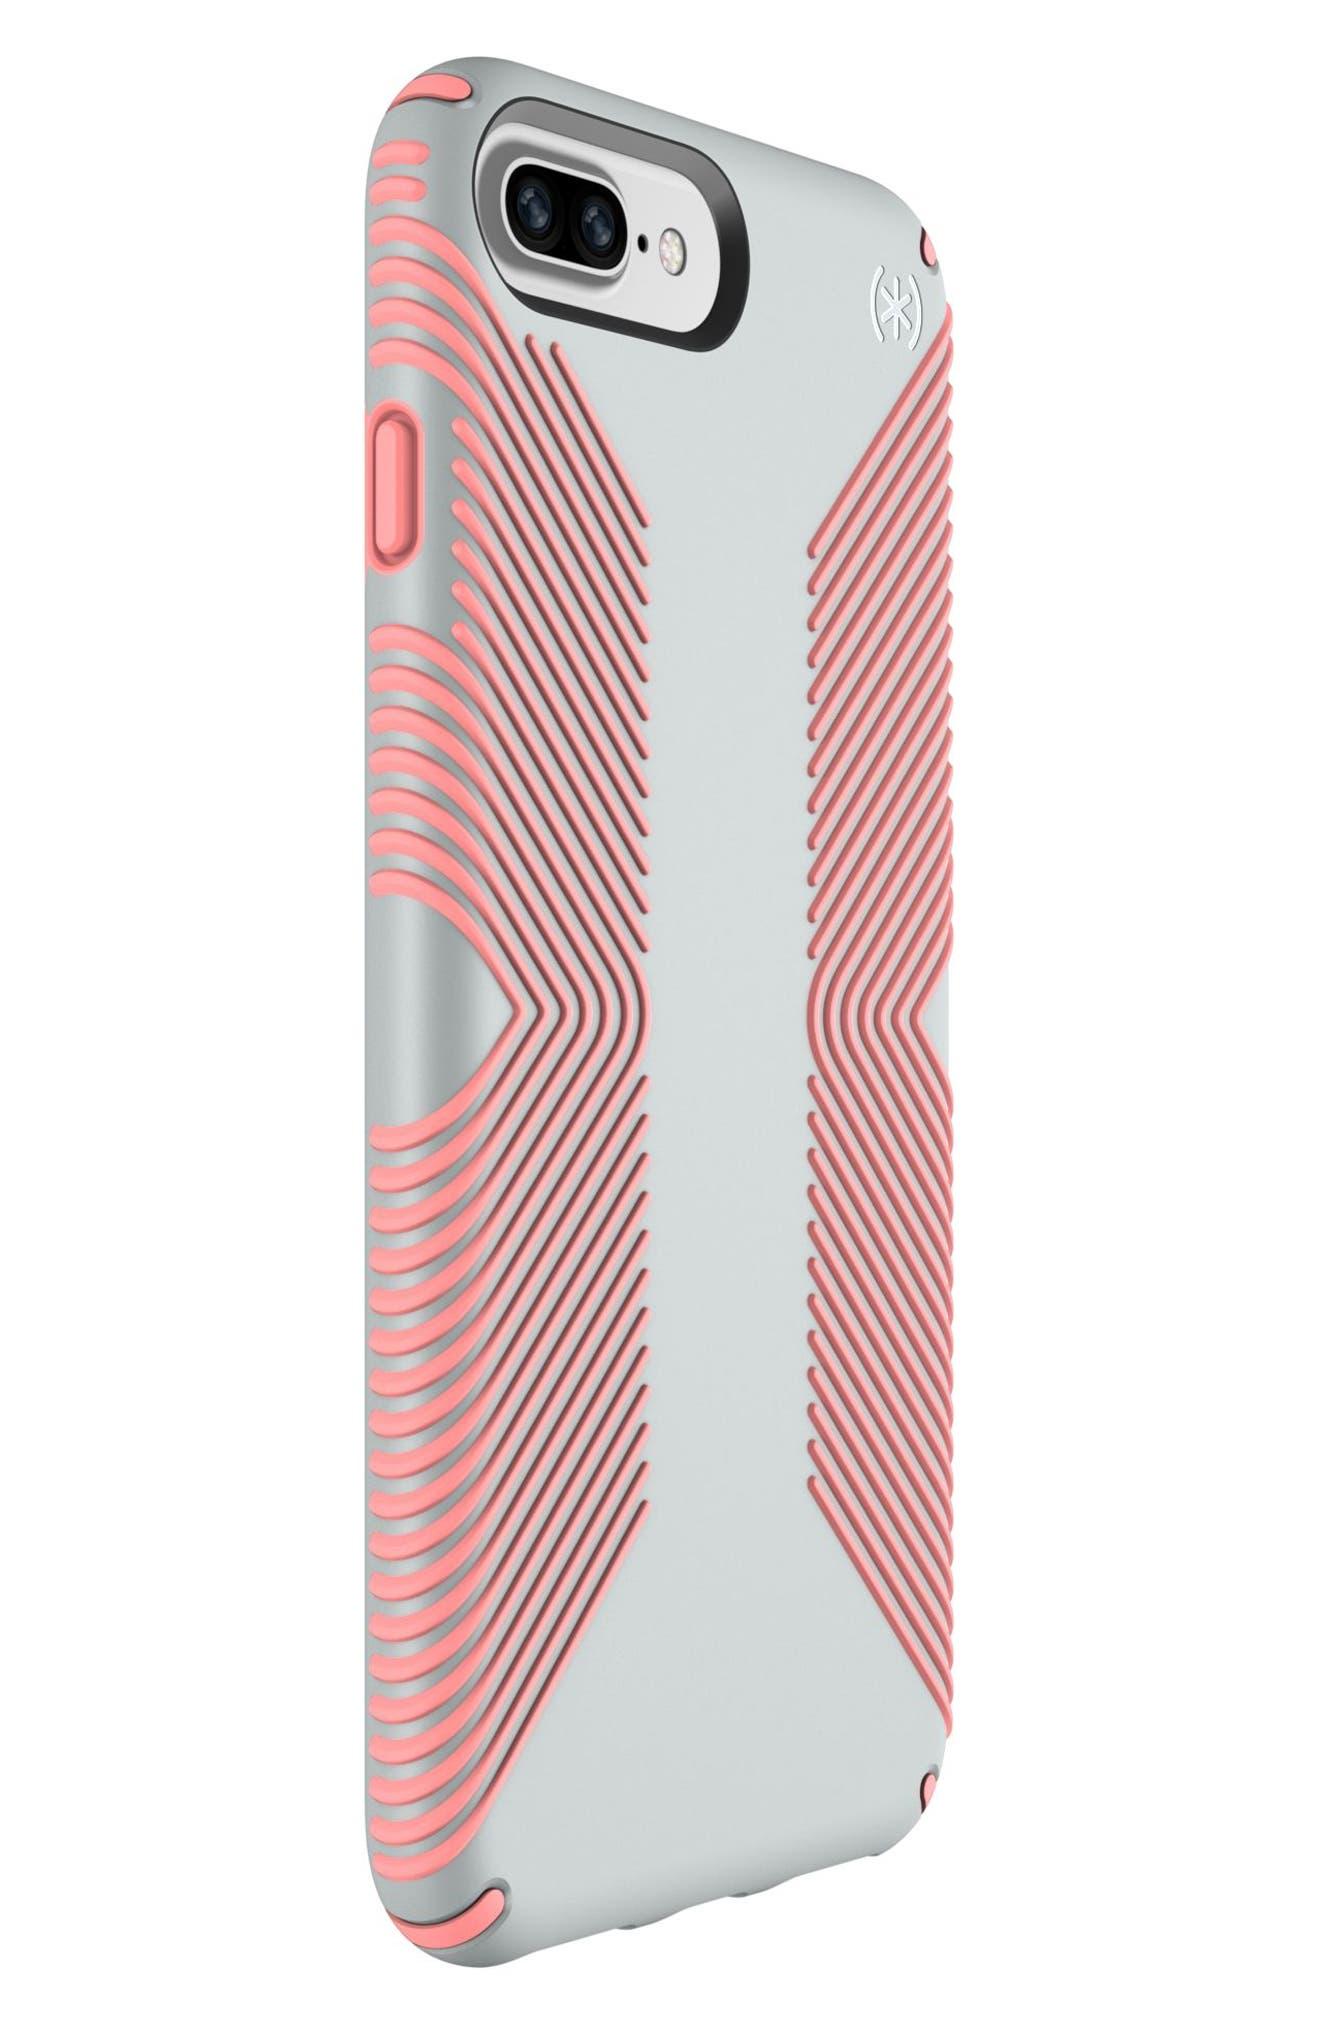 Grip iPhone 6/6s/7/8 Plus Case,                             Alternate thumbnail 6, color,                             020